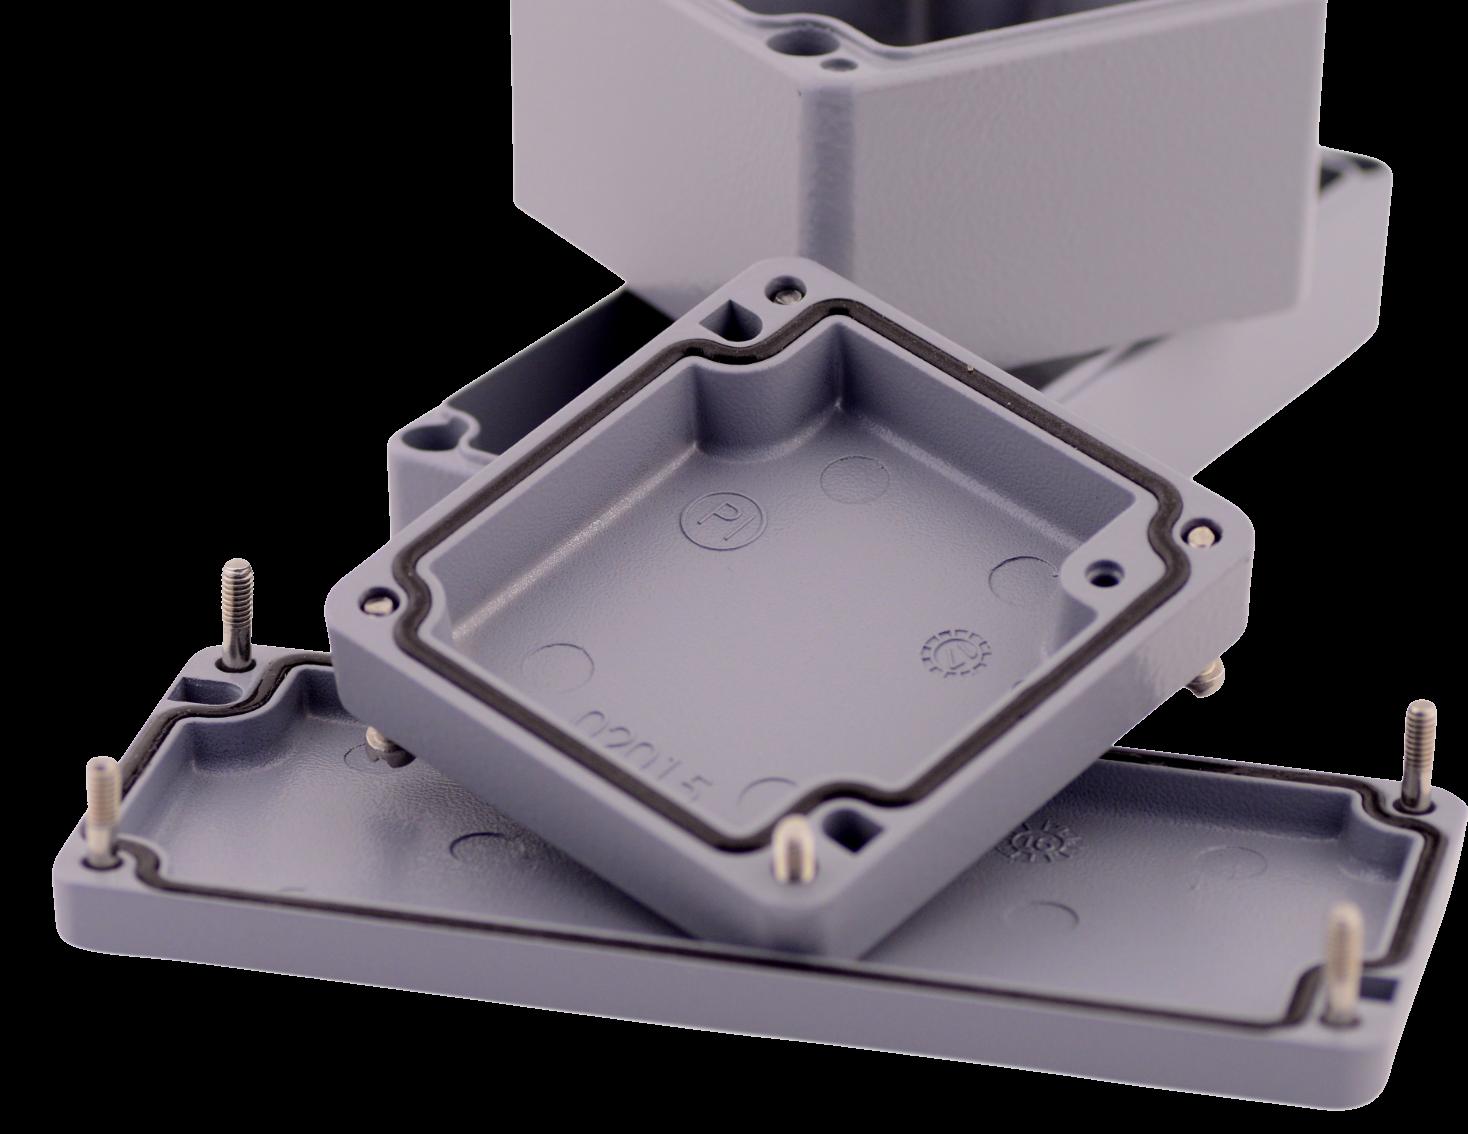 Metallgehäuse Alster mit sehr hoher IP Schutzart und hoher IK Schlagfestigkeit